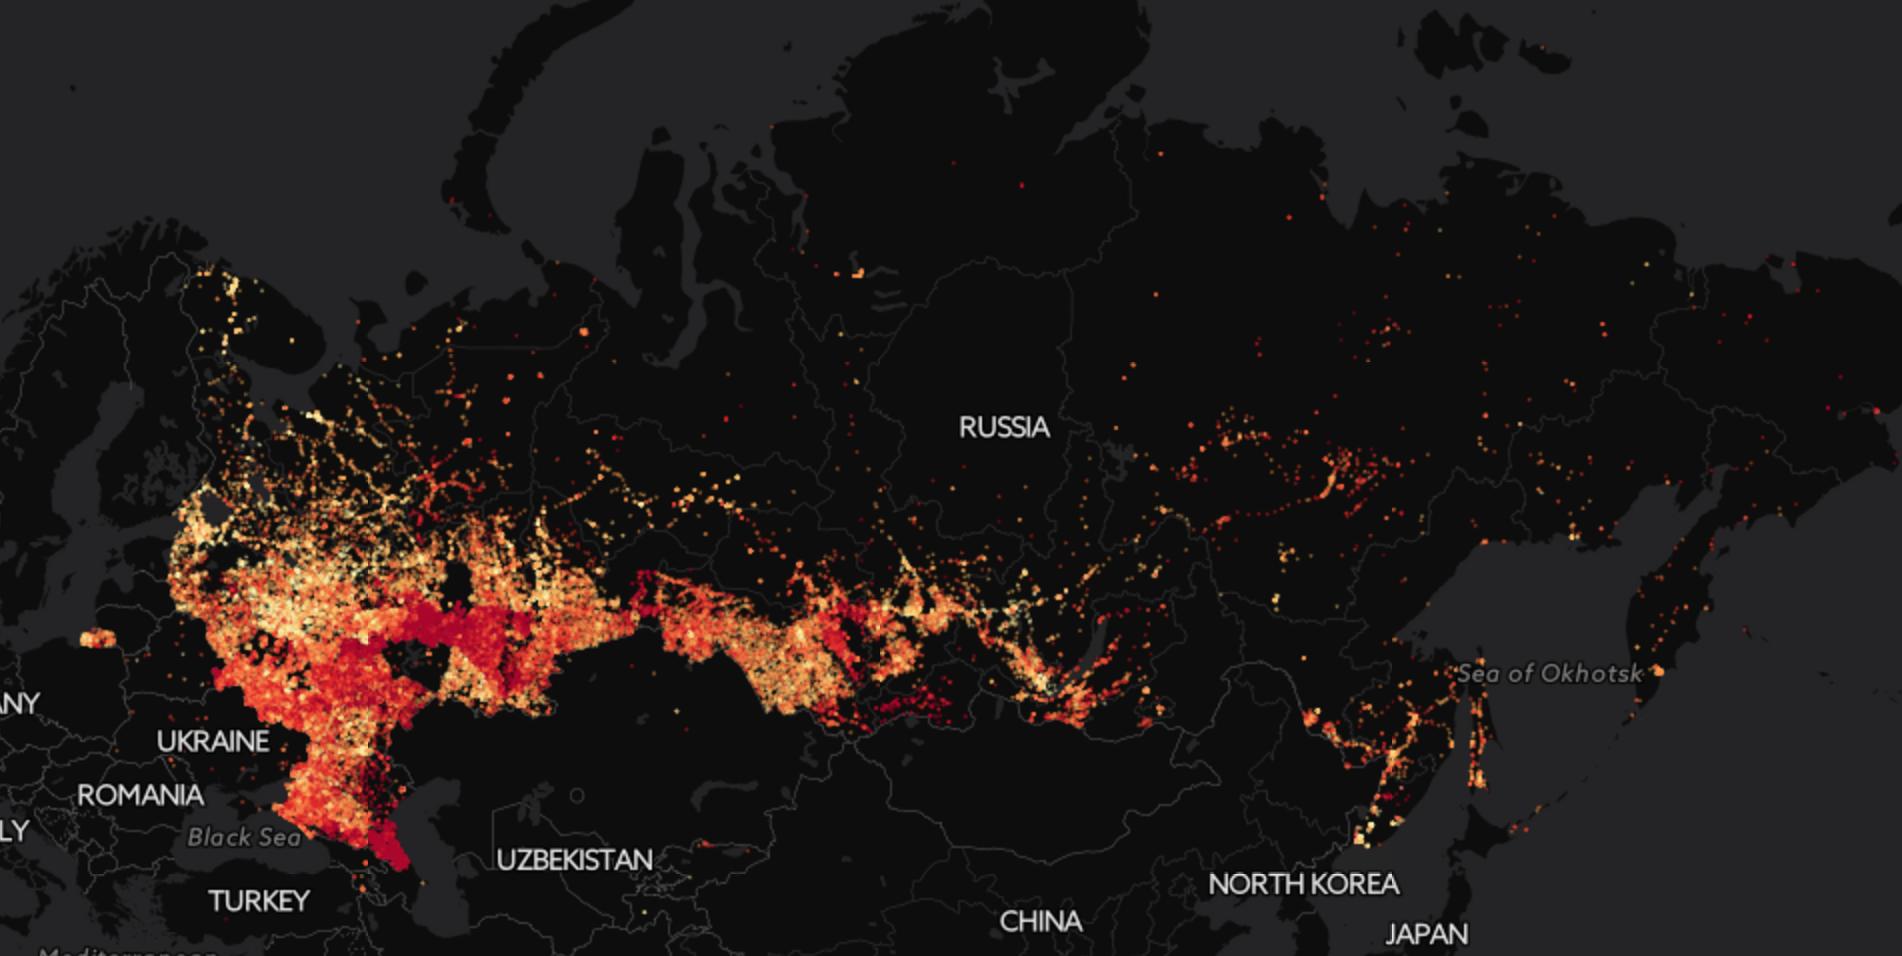 Анализ результатов выборов в Госдуму. Готовимся к голосованию 2016 года - 1